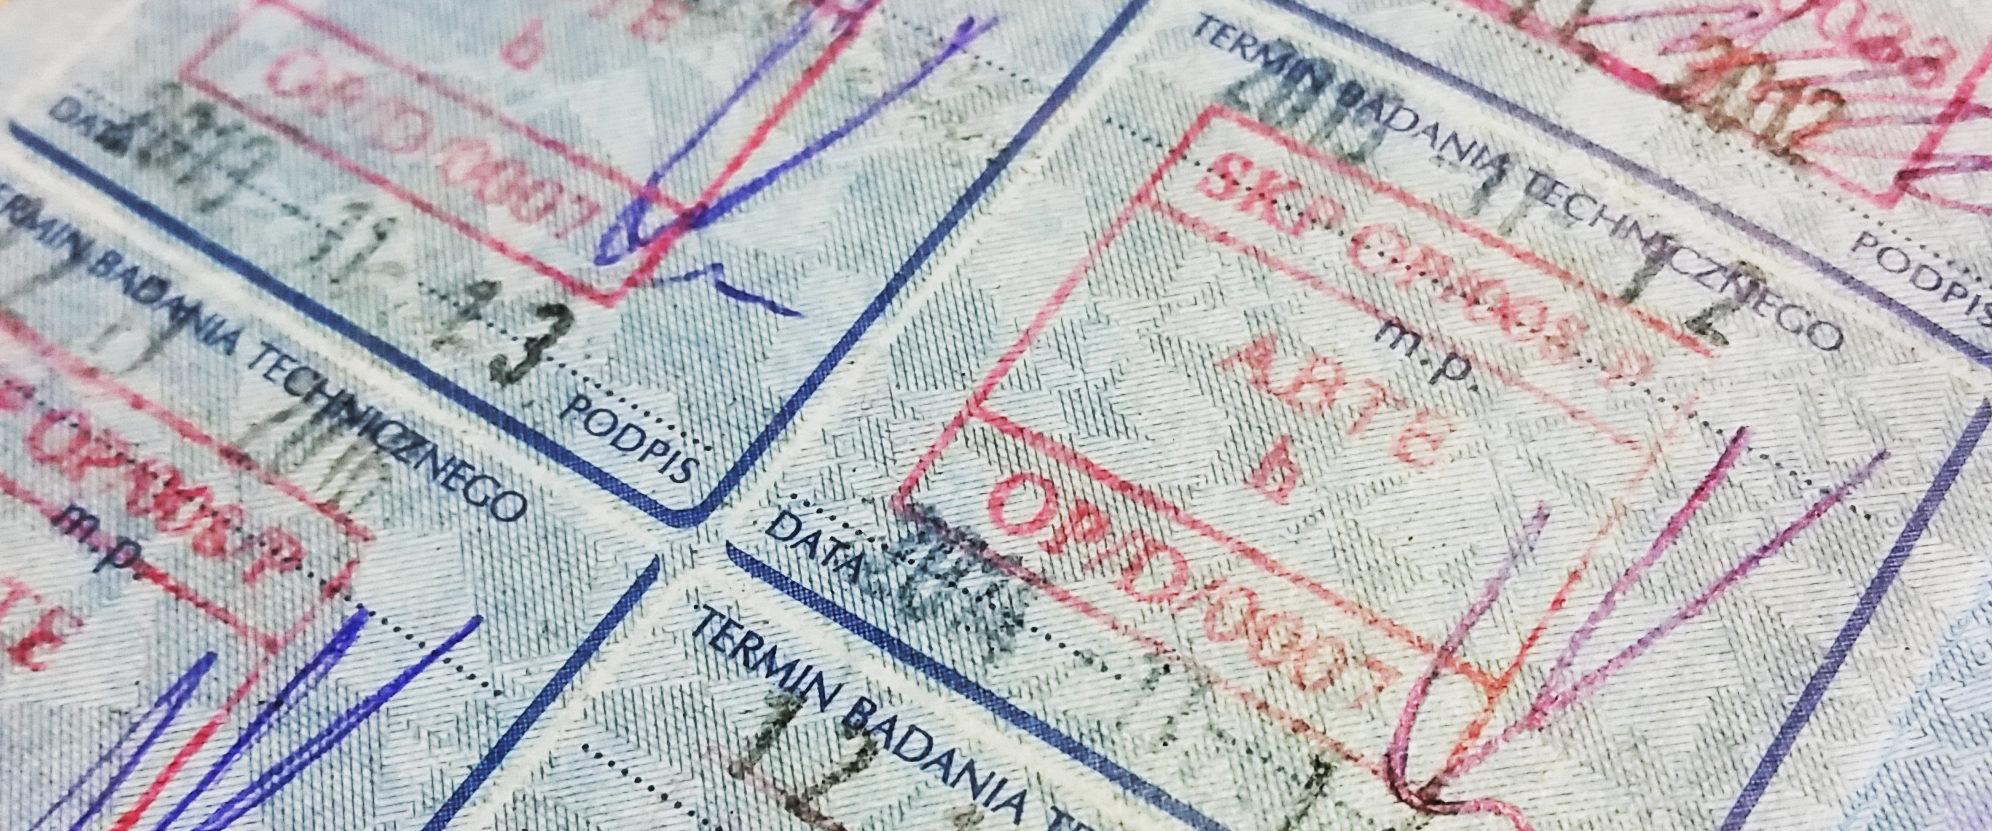 Zmiany w dowodach rejestracyjnych 2018, prawo jazdy opole